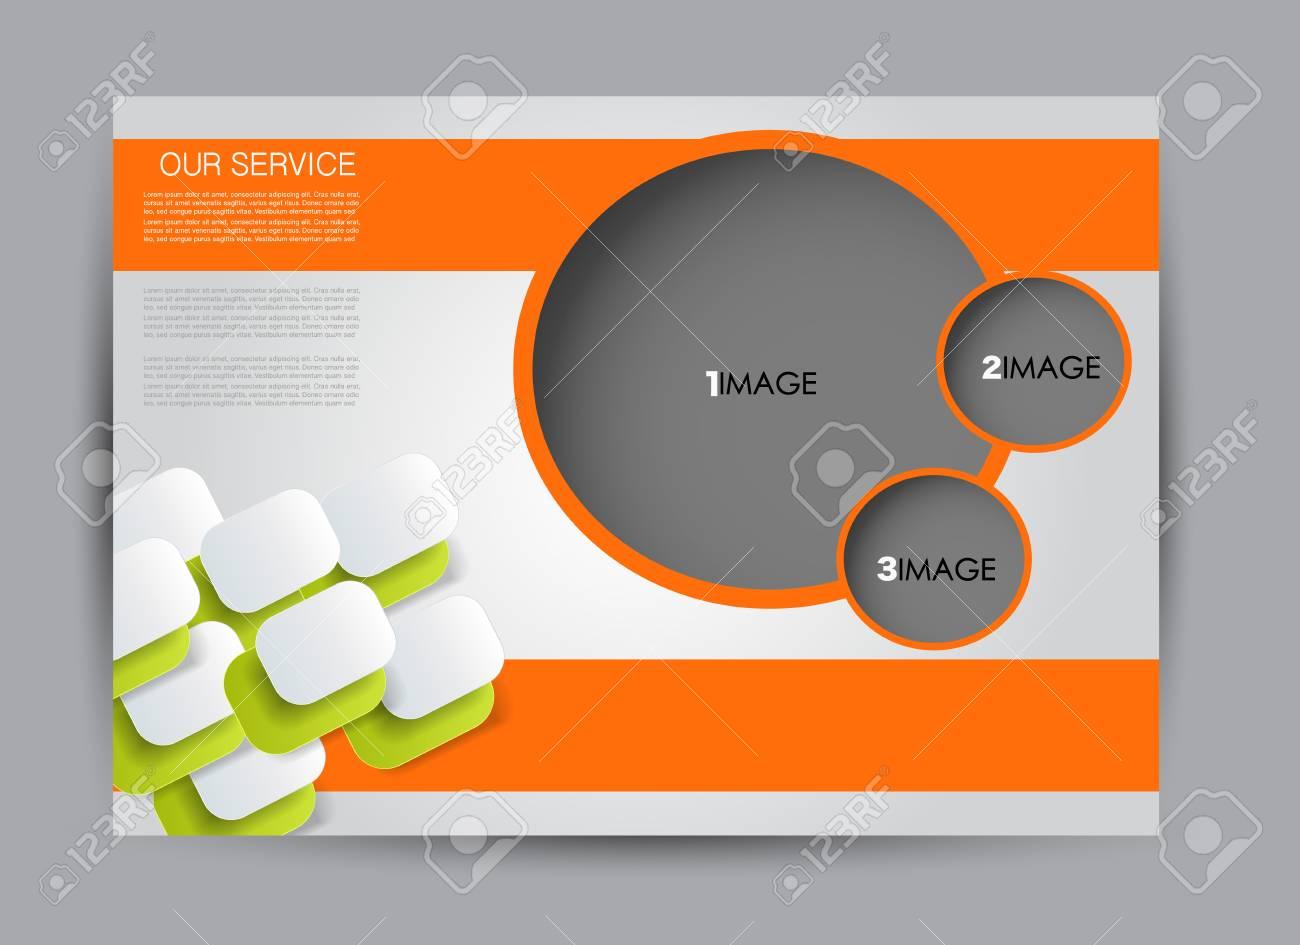 flyer brochure billboard template design landscape orientation for